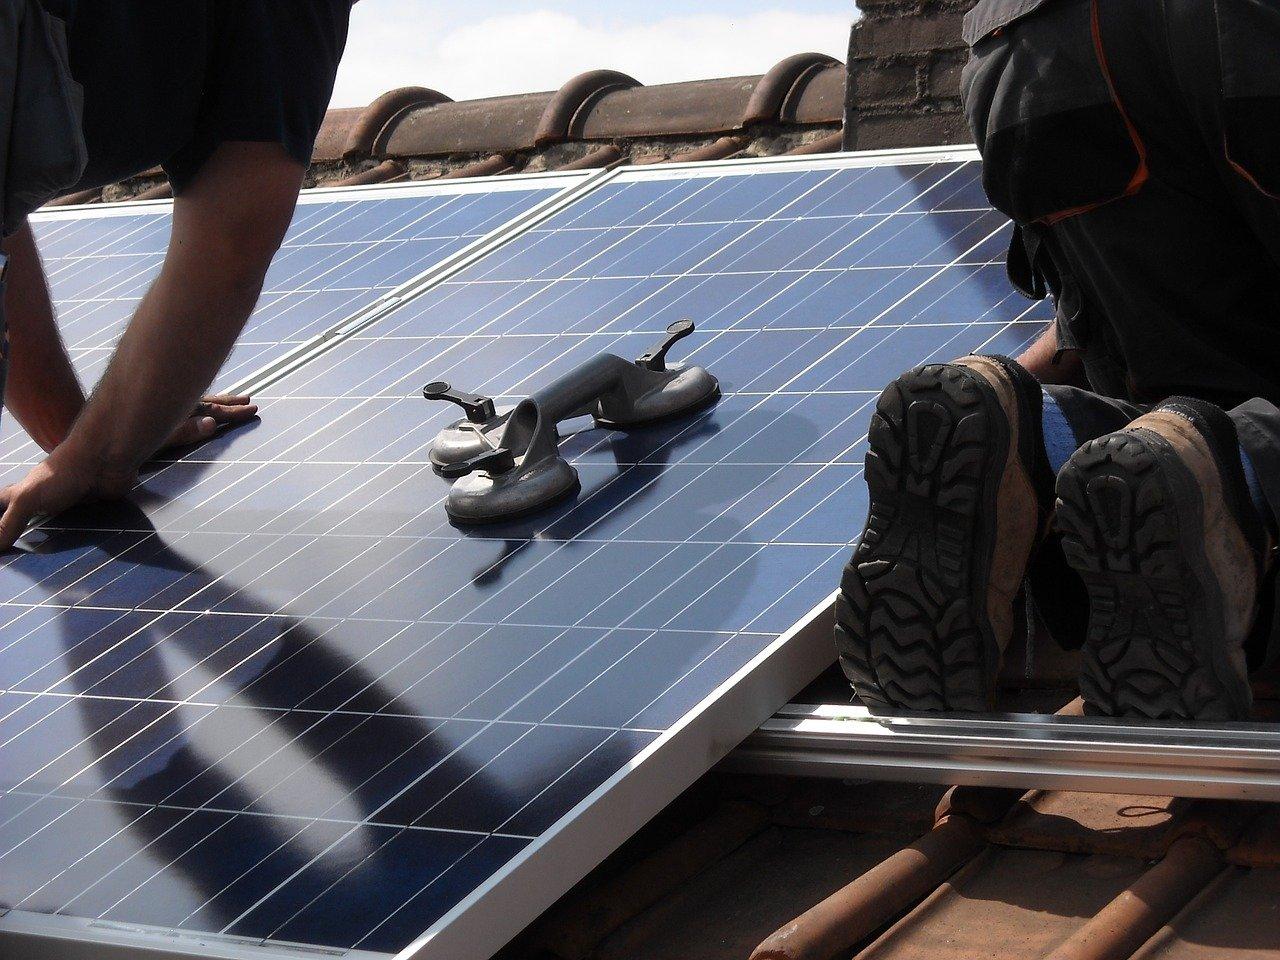 Oriëntatie, hellingshoek en installatie van zonnepanelen